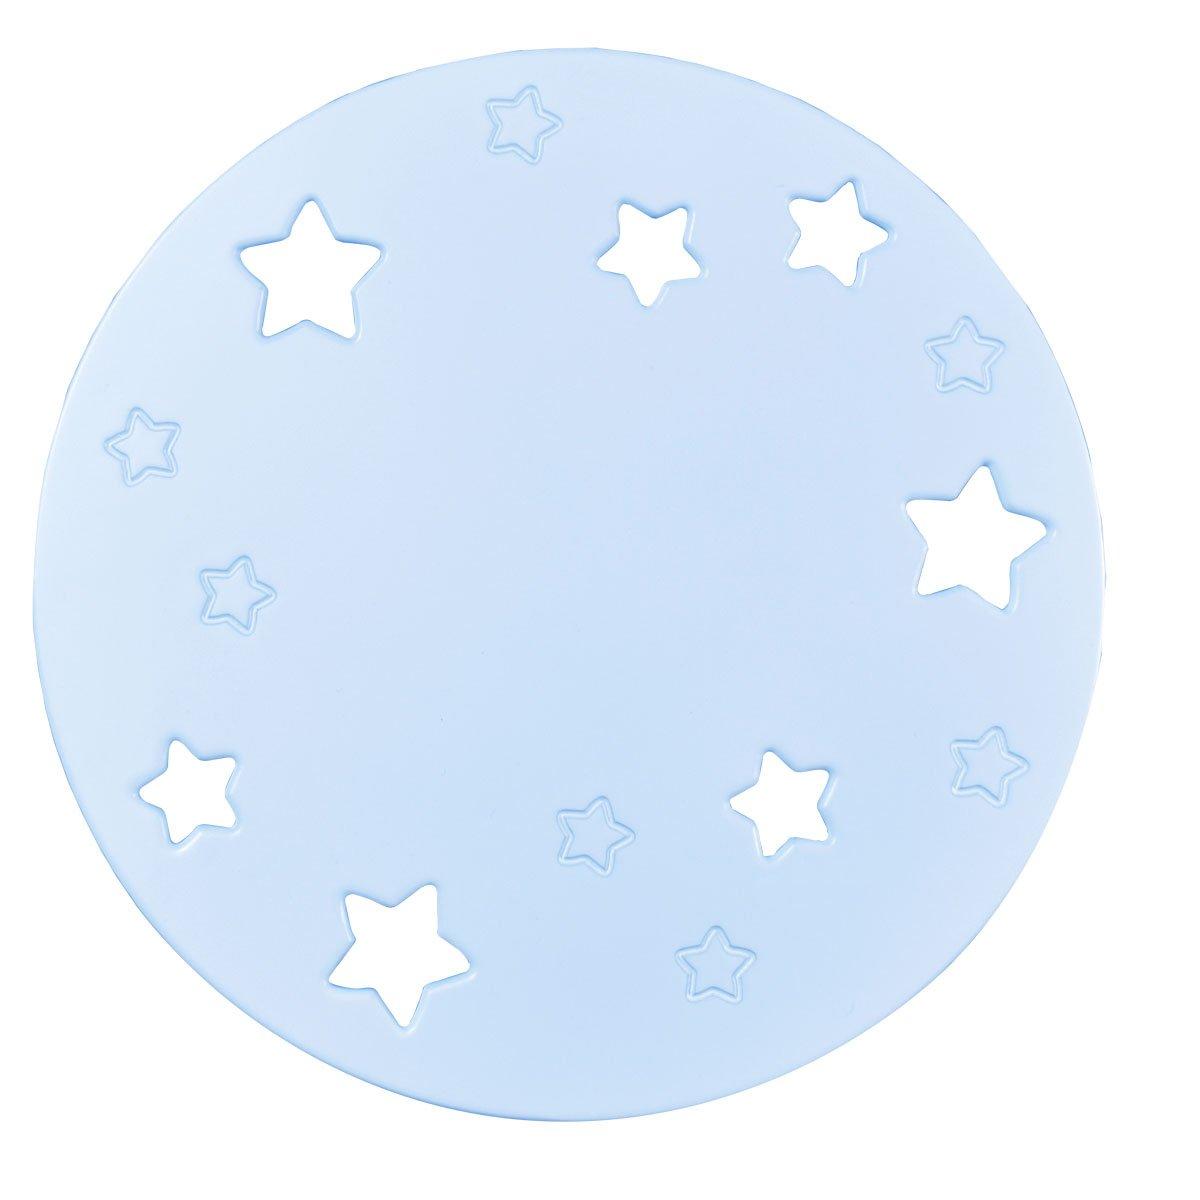 Bainba Wandleuchte Mond und Sterne 36 x 36 cm blau